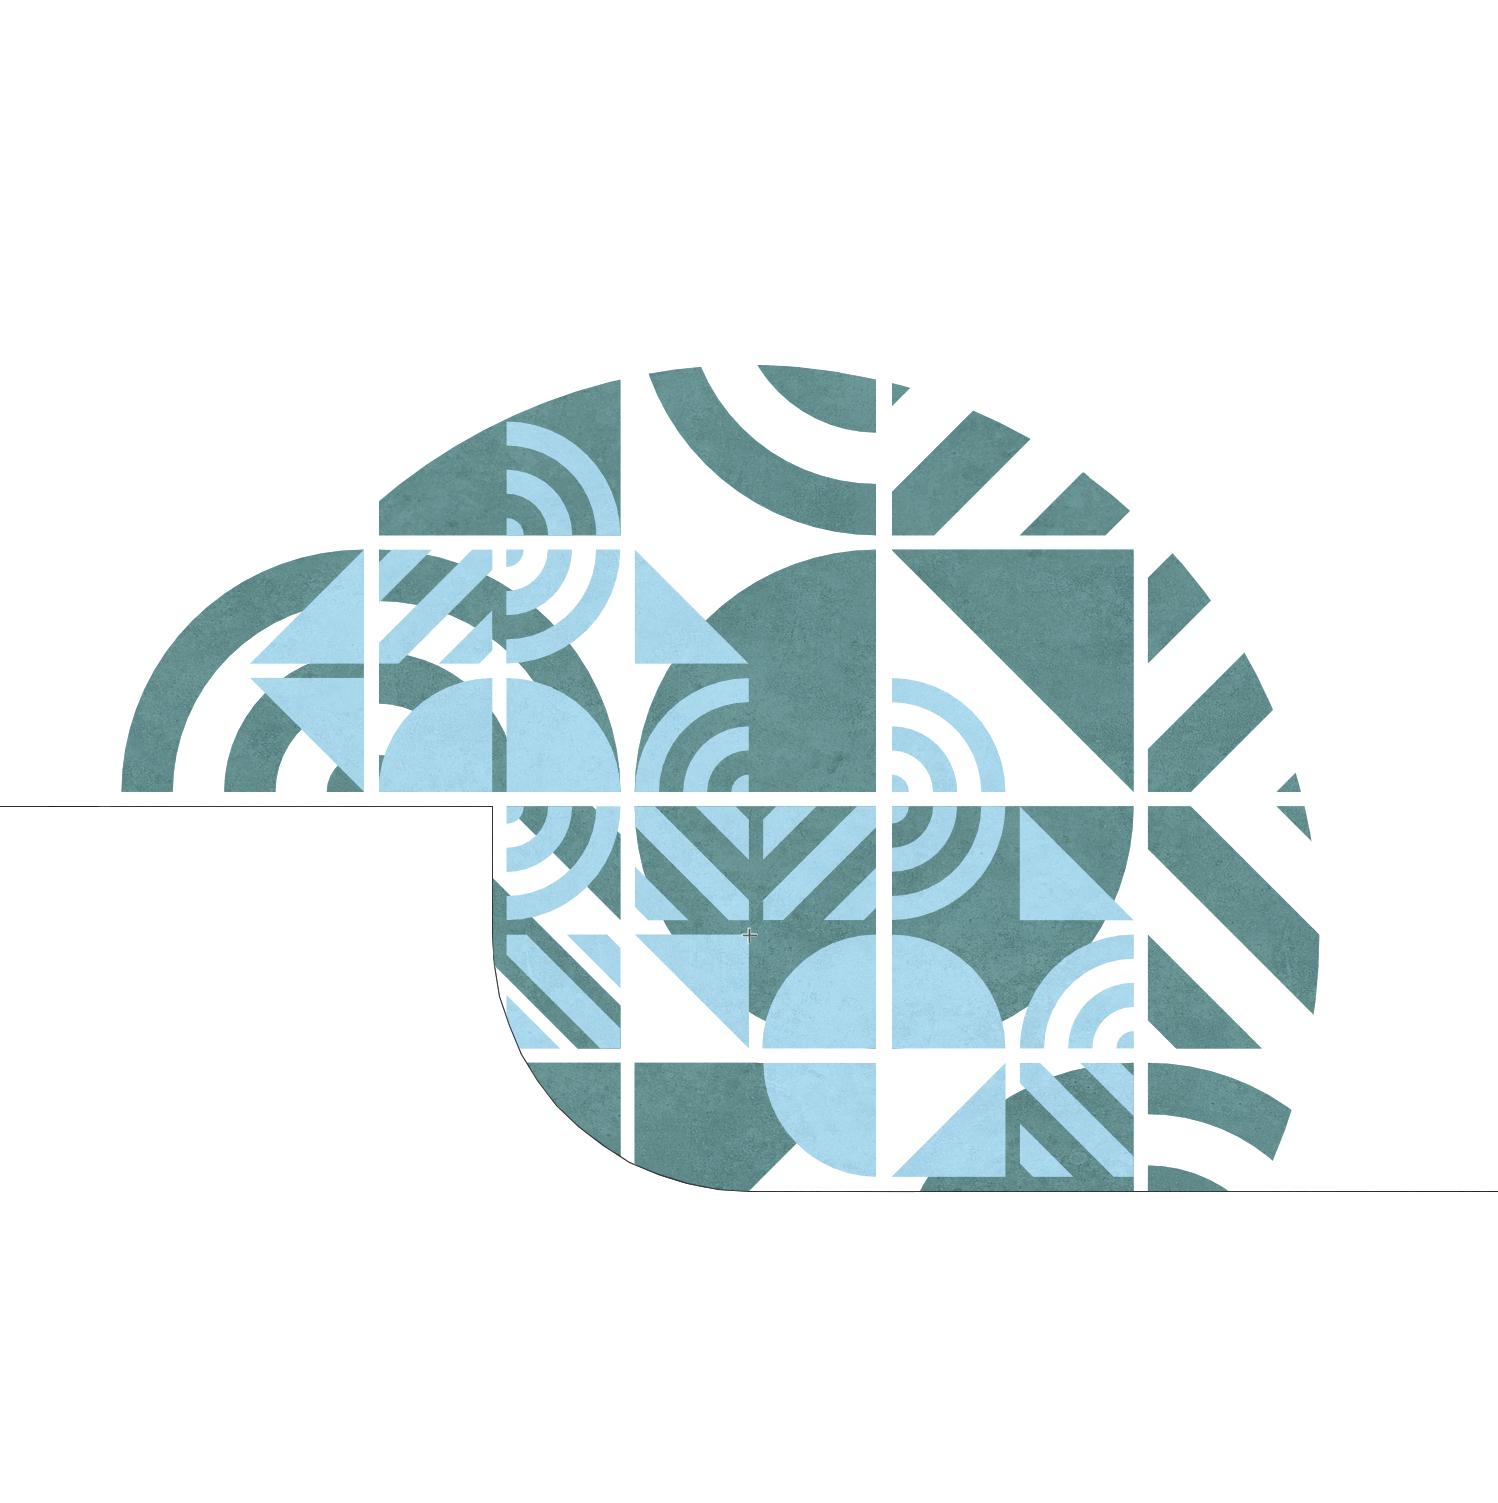 gorund pattern.jpg